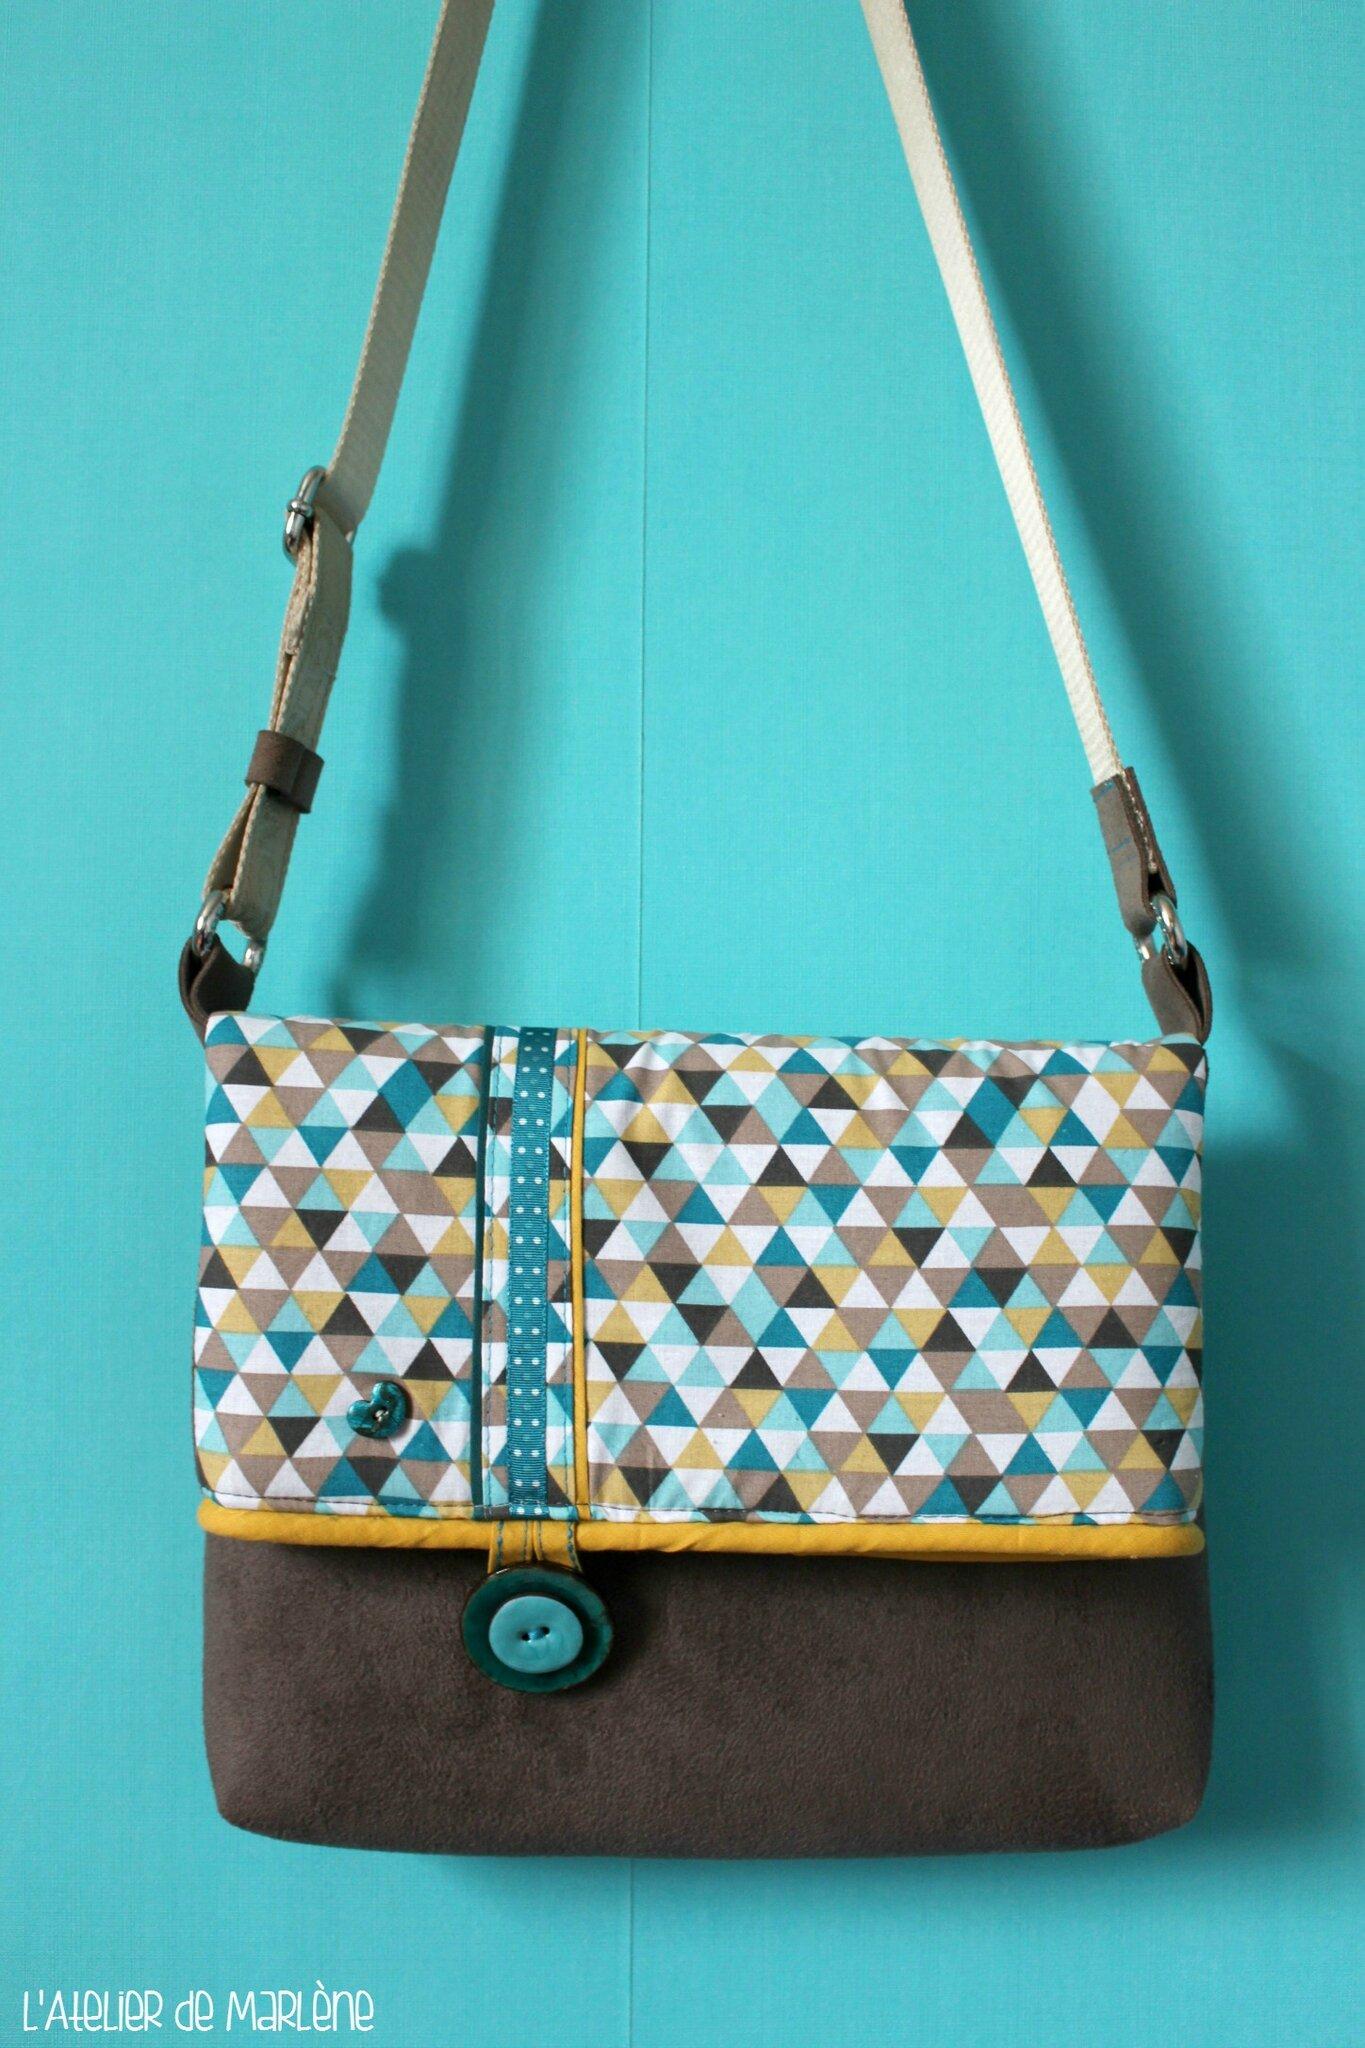 Mon nouveau sac les cr ations bijoux et accessoires de marl ne - Tuto sac besace bandouliere ...